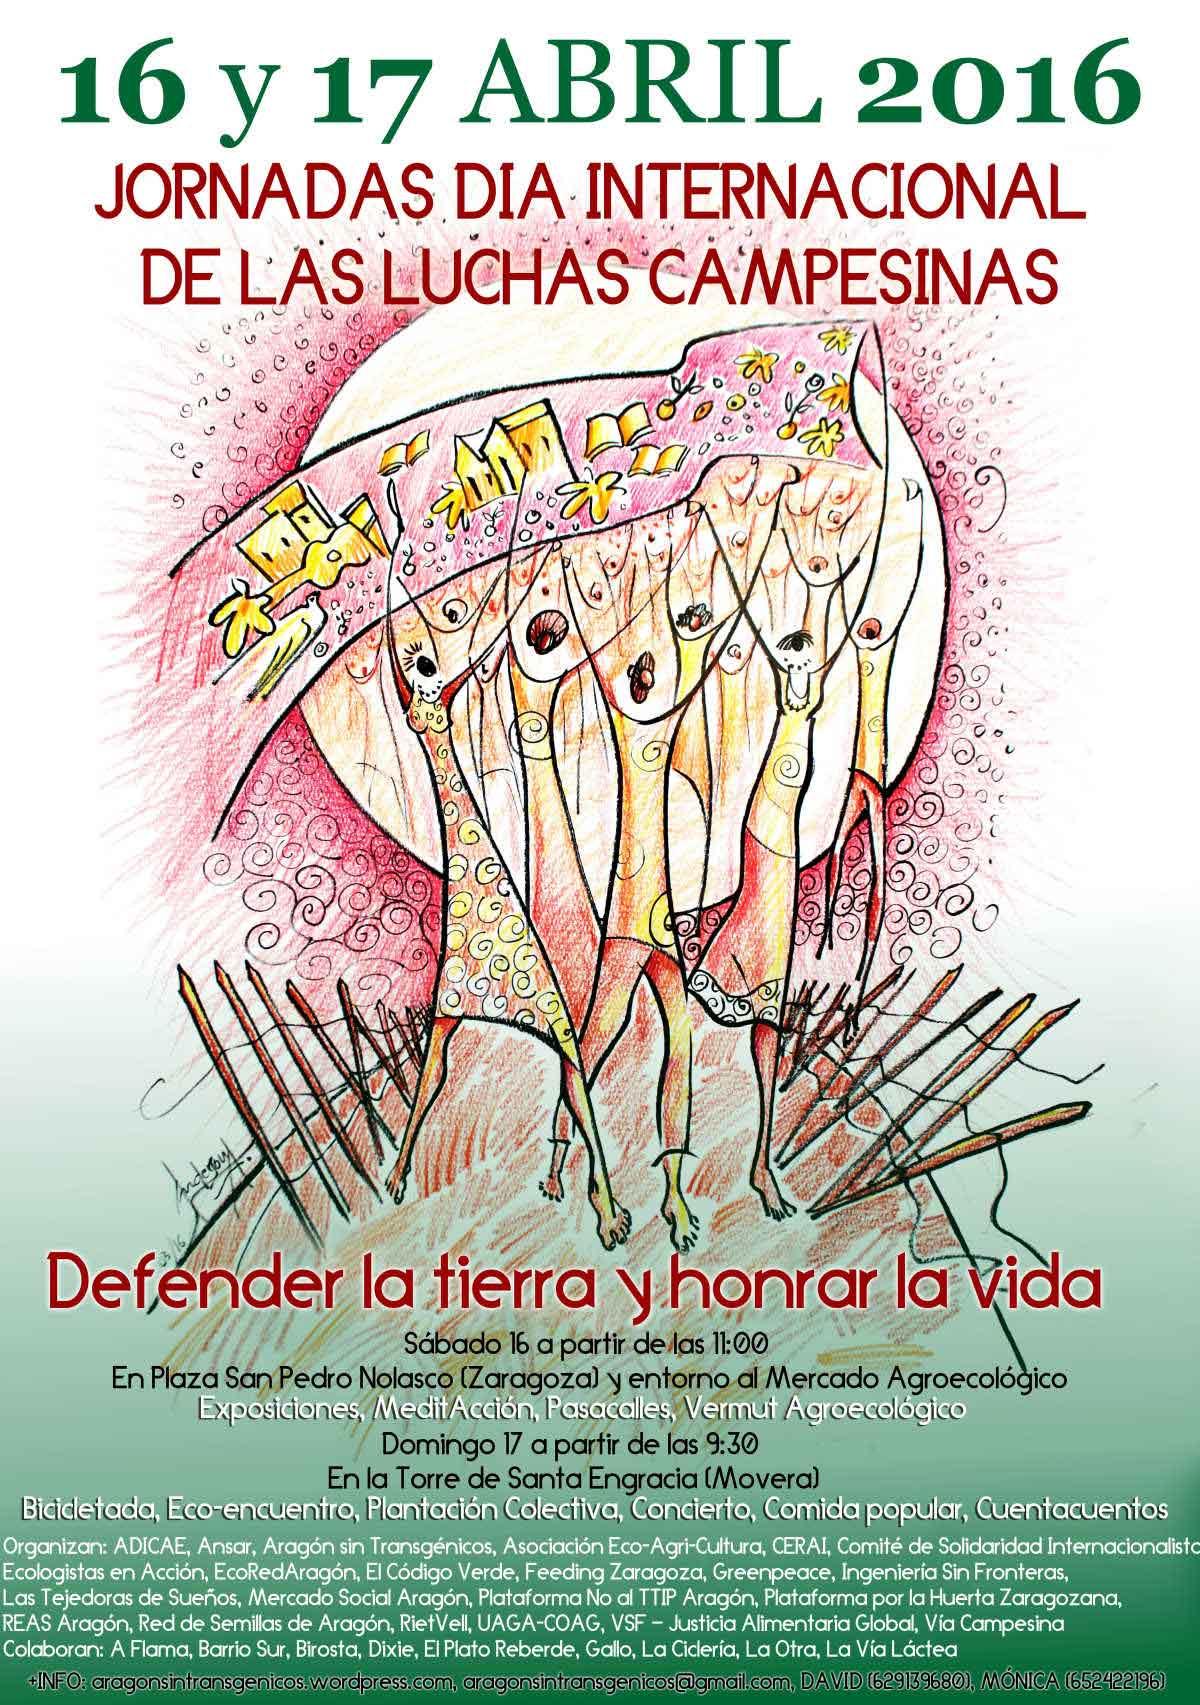 Jornadas de la Lucha Campesina en Aragón